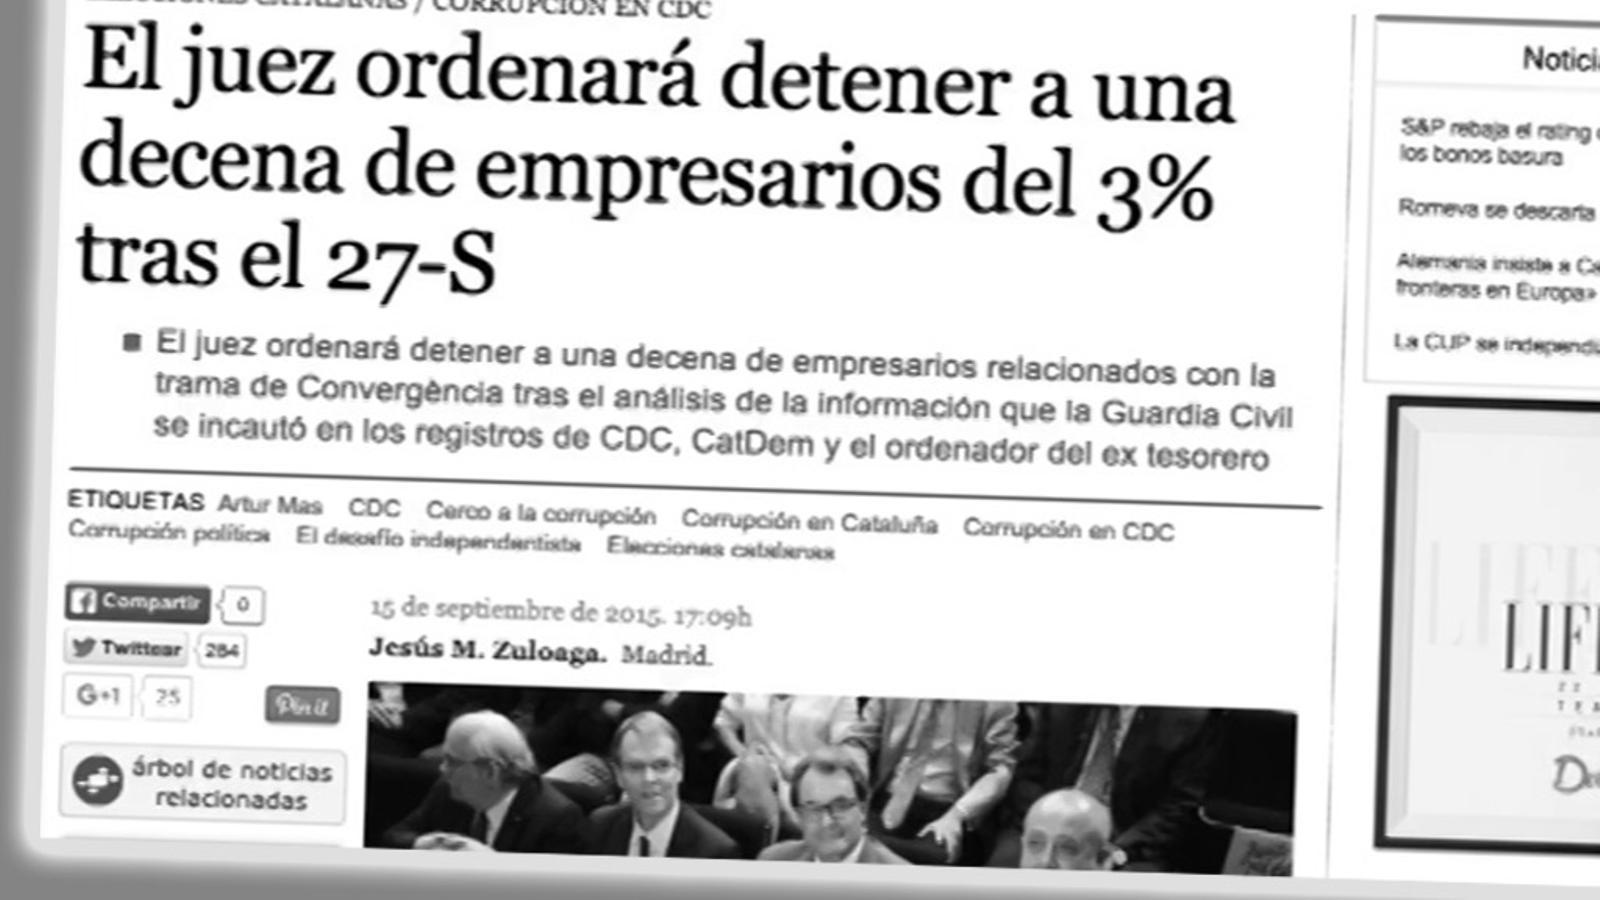 L'editorial d'Antoni Bassas: El pensament de Mas (22/10/15)